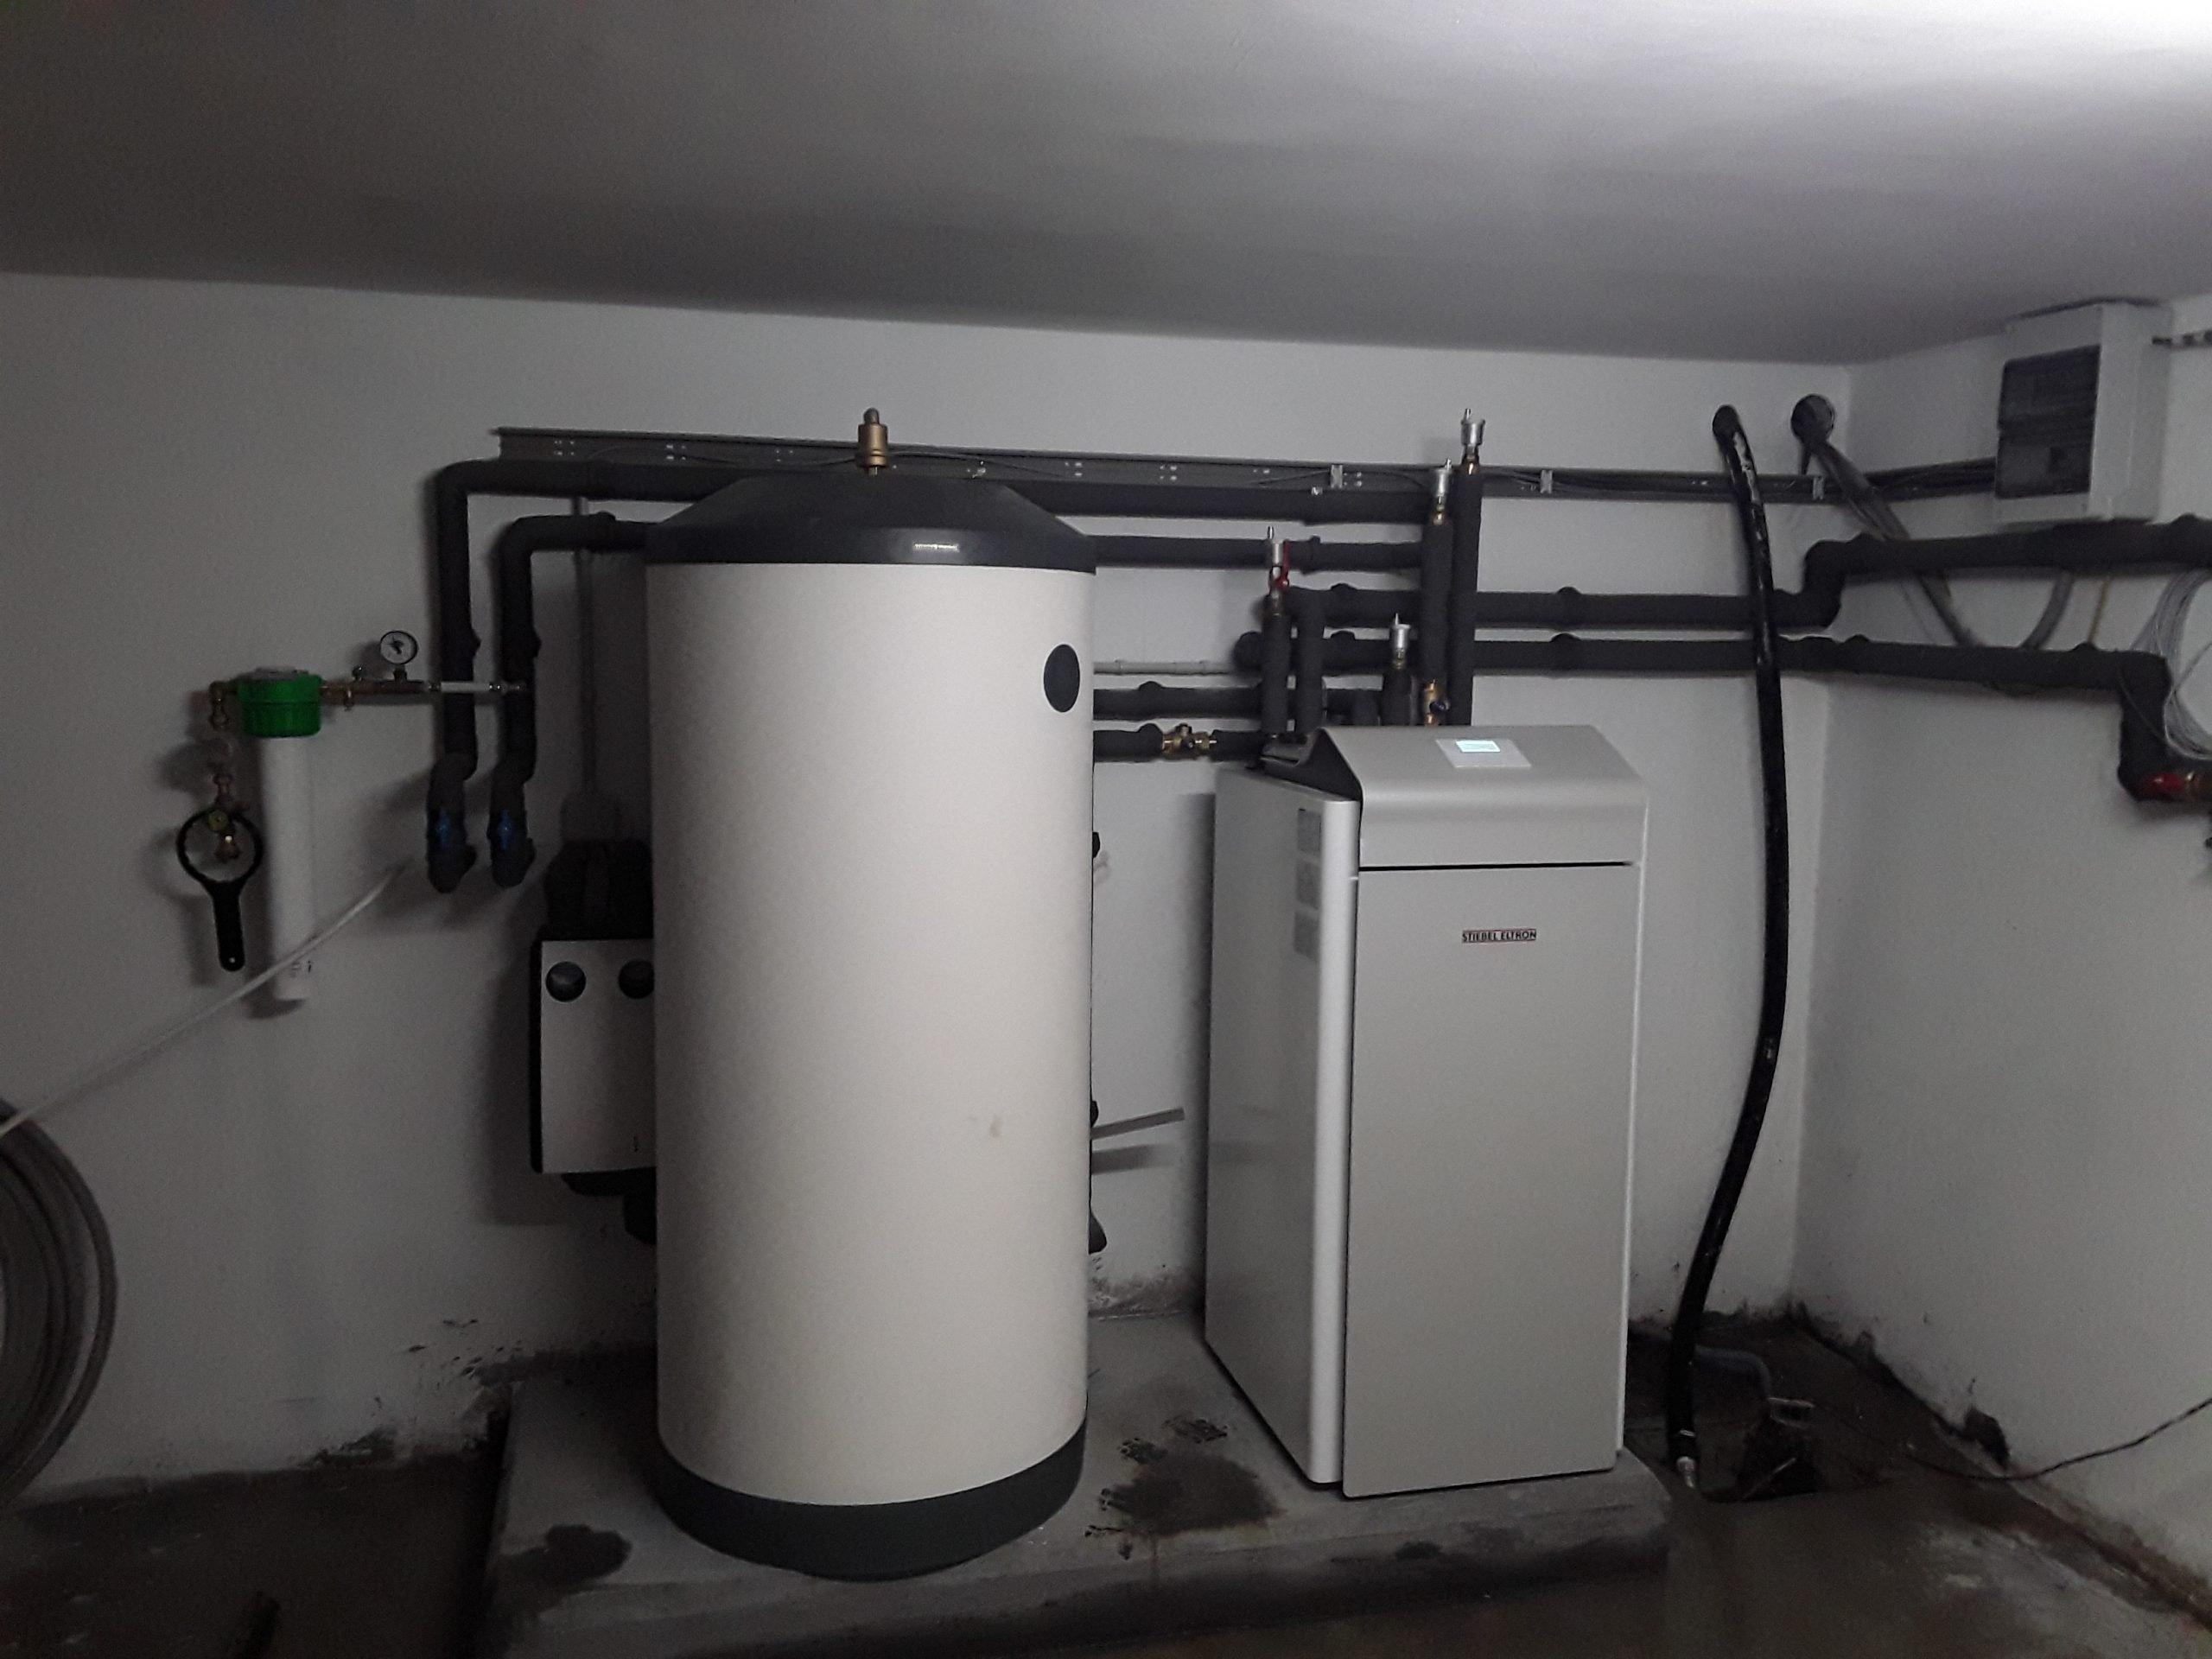 warmtepompboiler installateur galmaarden